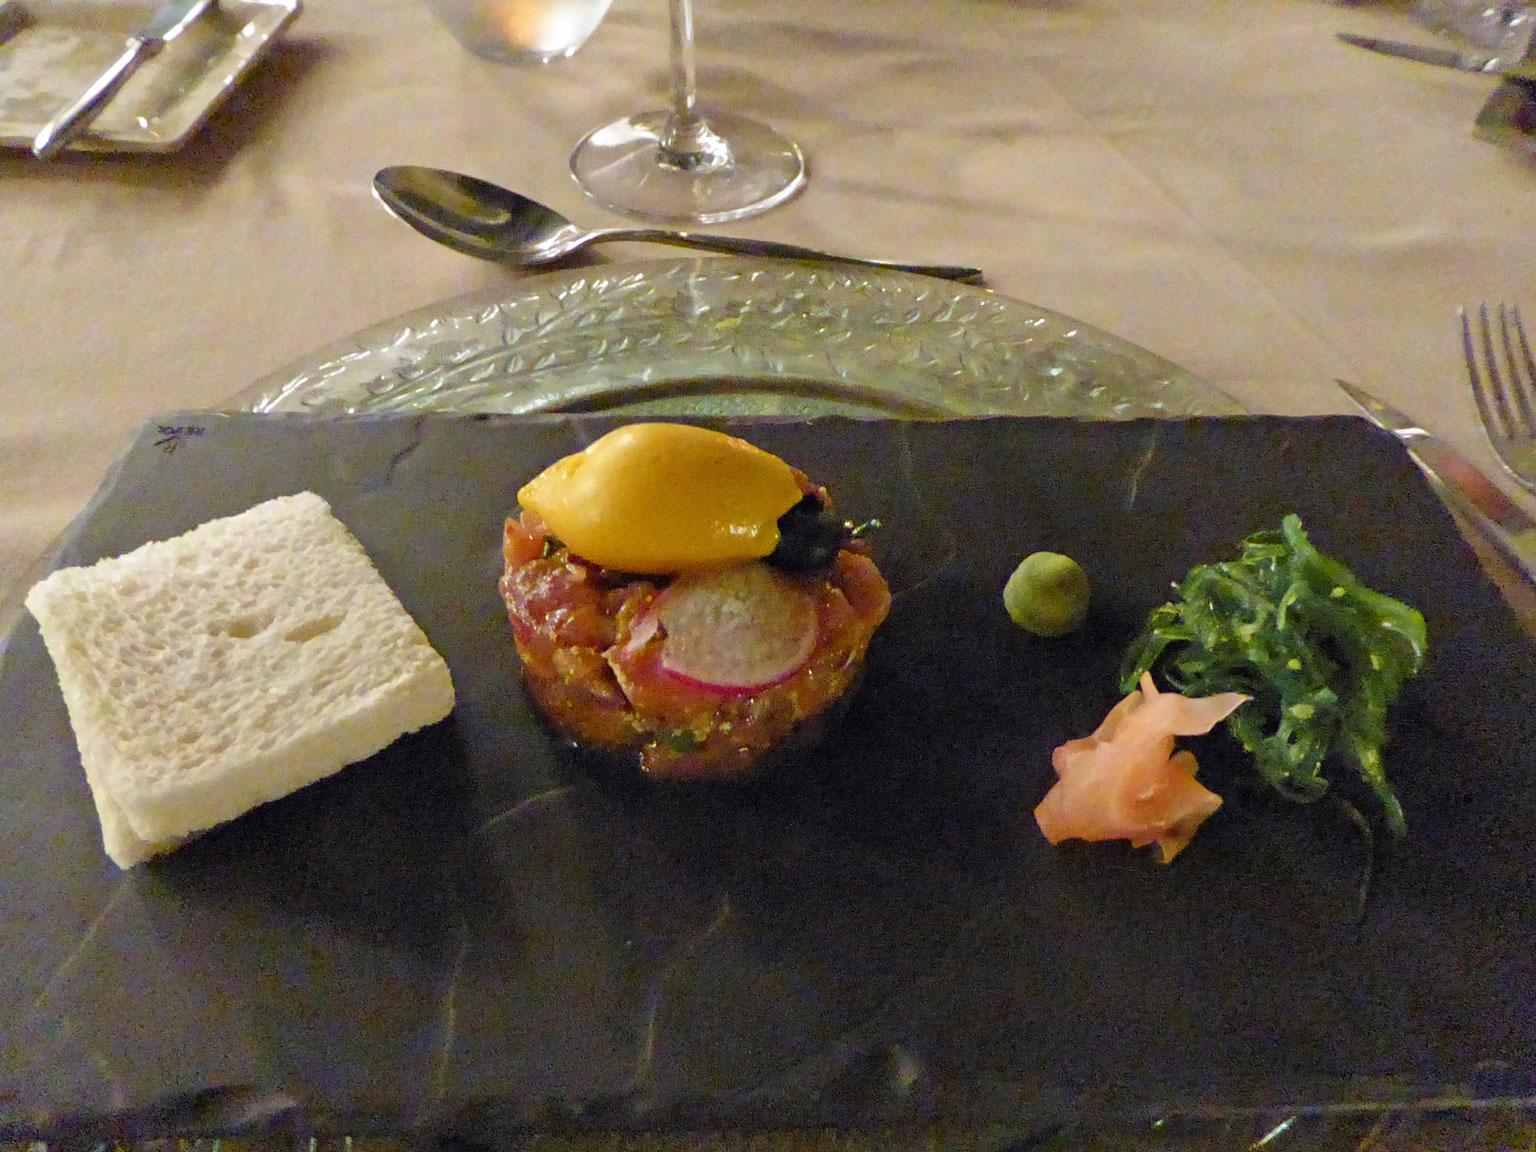 Restaurante en La Orotava Tartar de atún macerado en mostaza en grano y soja, con sorbete de mango, wasabi y jengibre